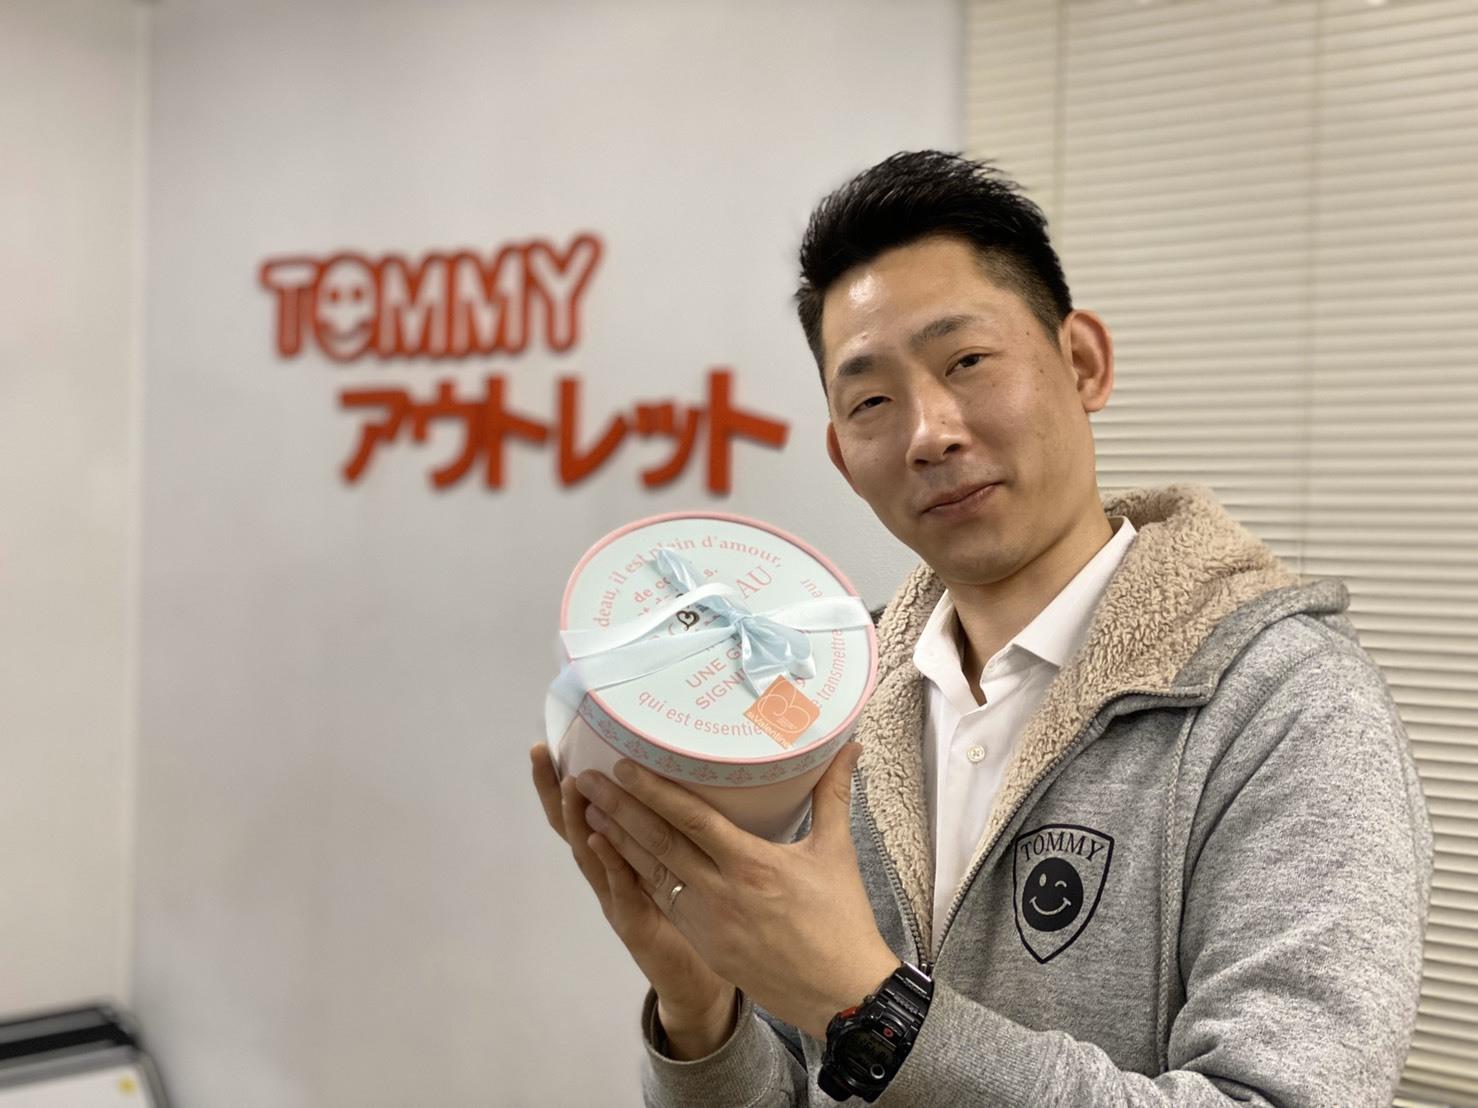 1月28日(火)☆TOMMYアウトレット☆あゆブログ٩(●˙▿˙●)۶ 初売りプライスは月末まで!!_b0127002_19500154.jpg